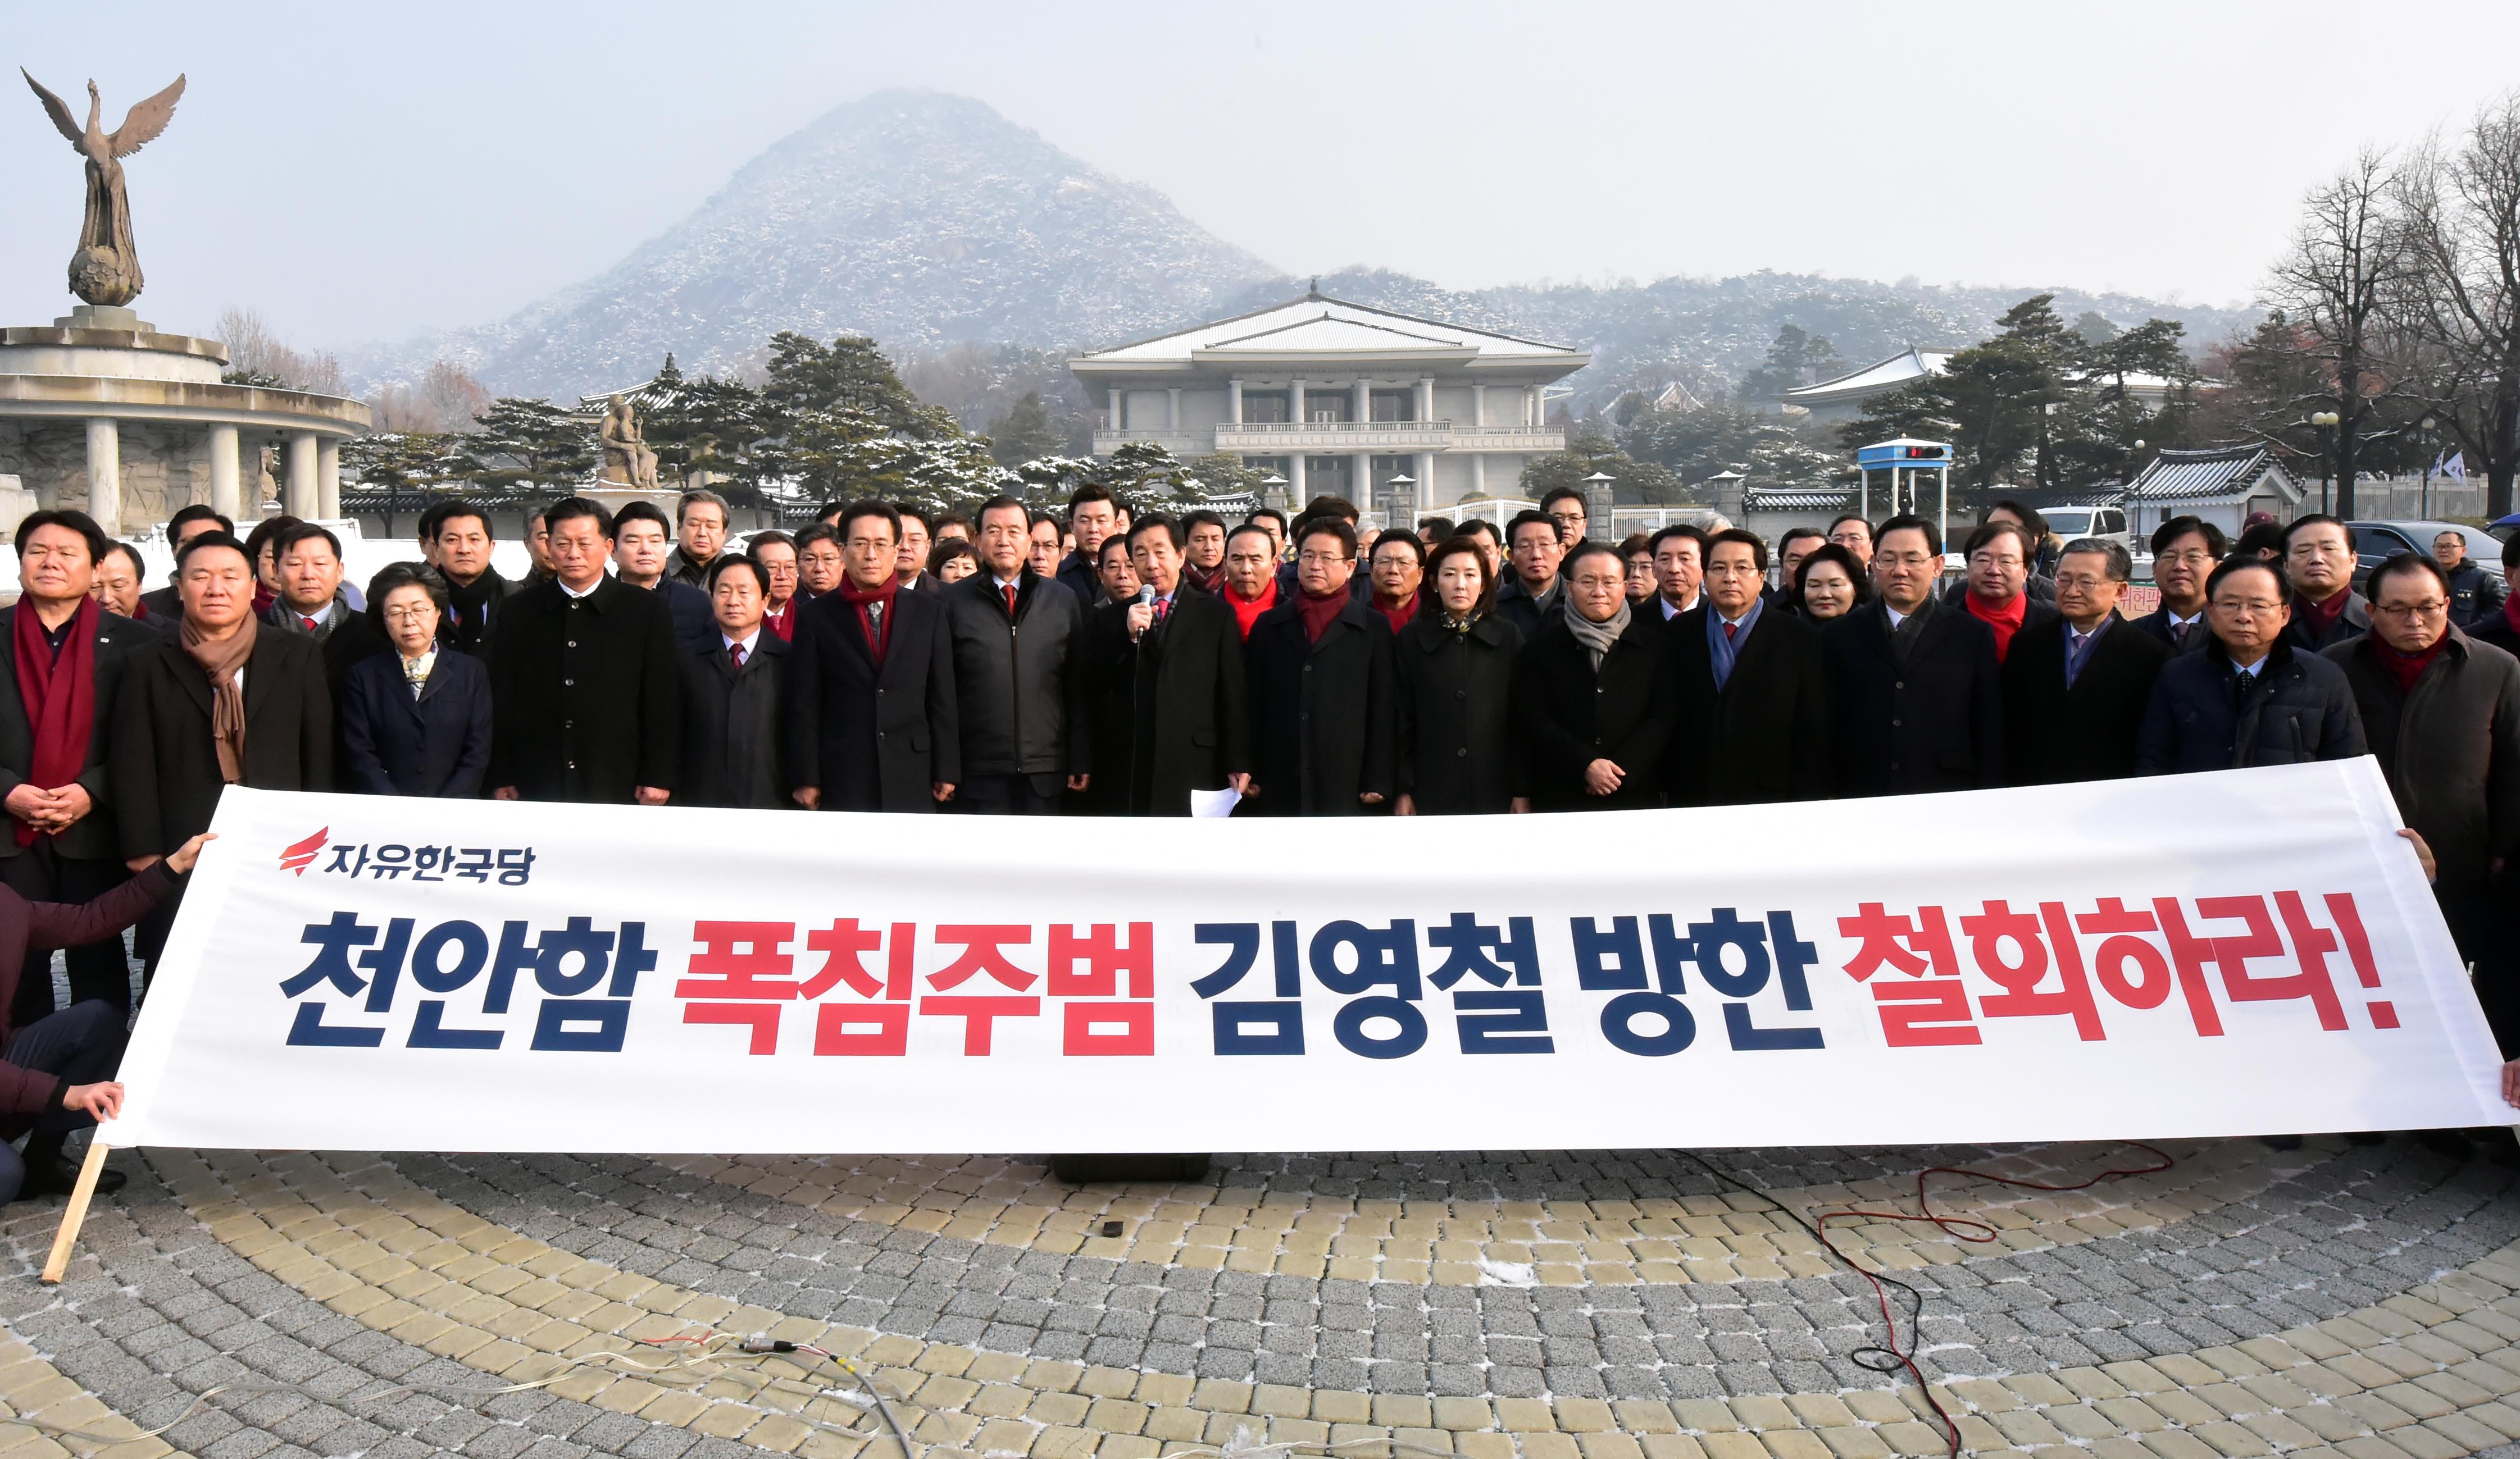 자유한국당, 북 김영철 방남 관련 청와대 규탄 서한 전달